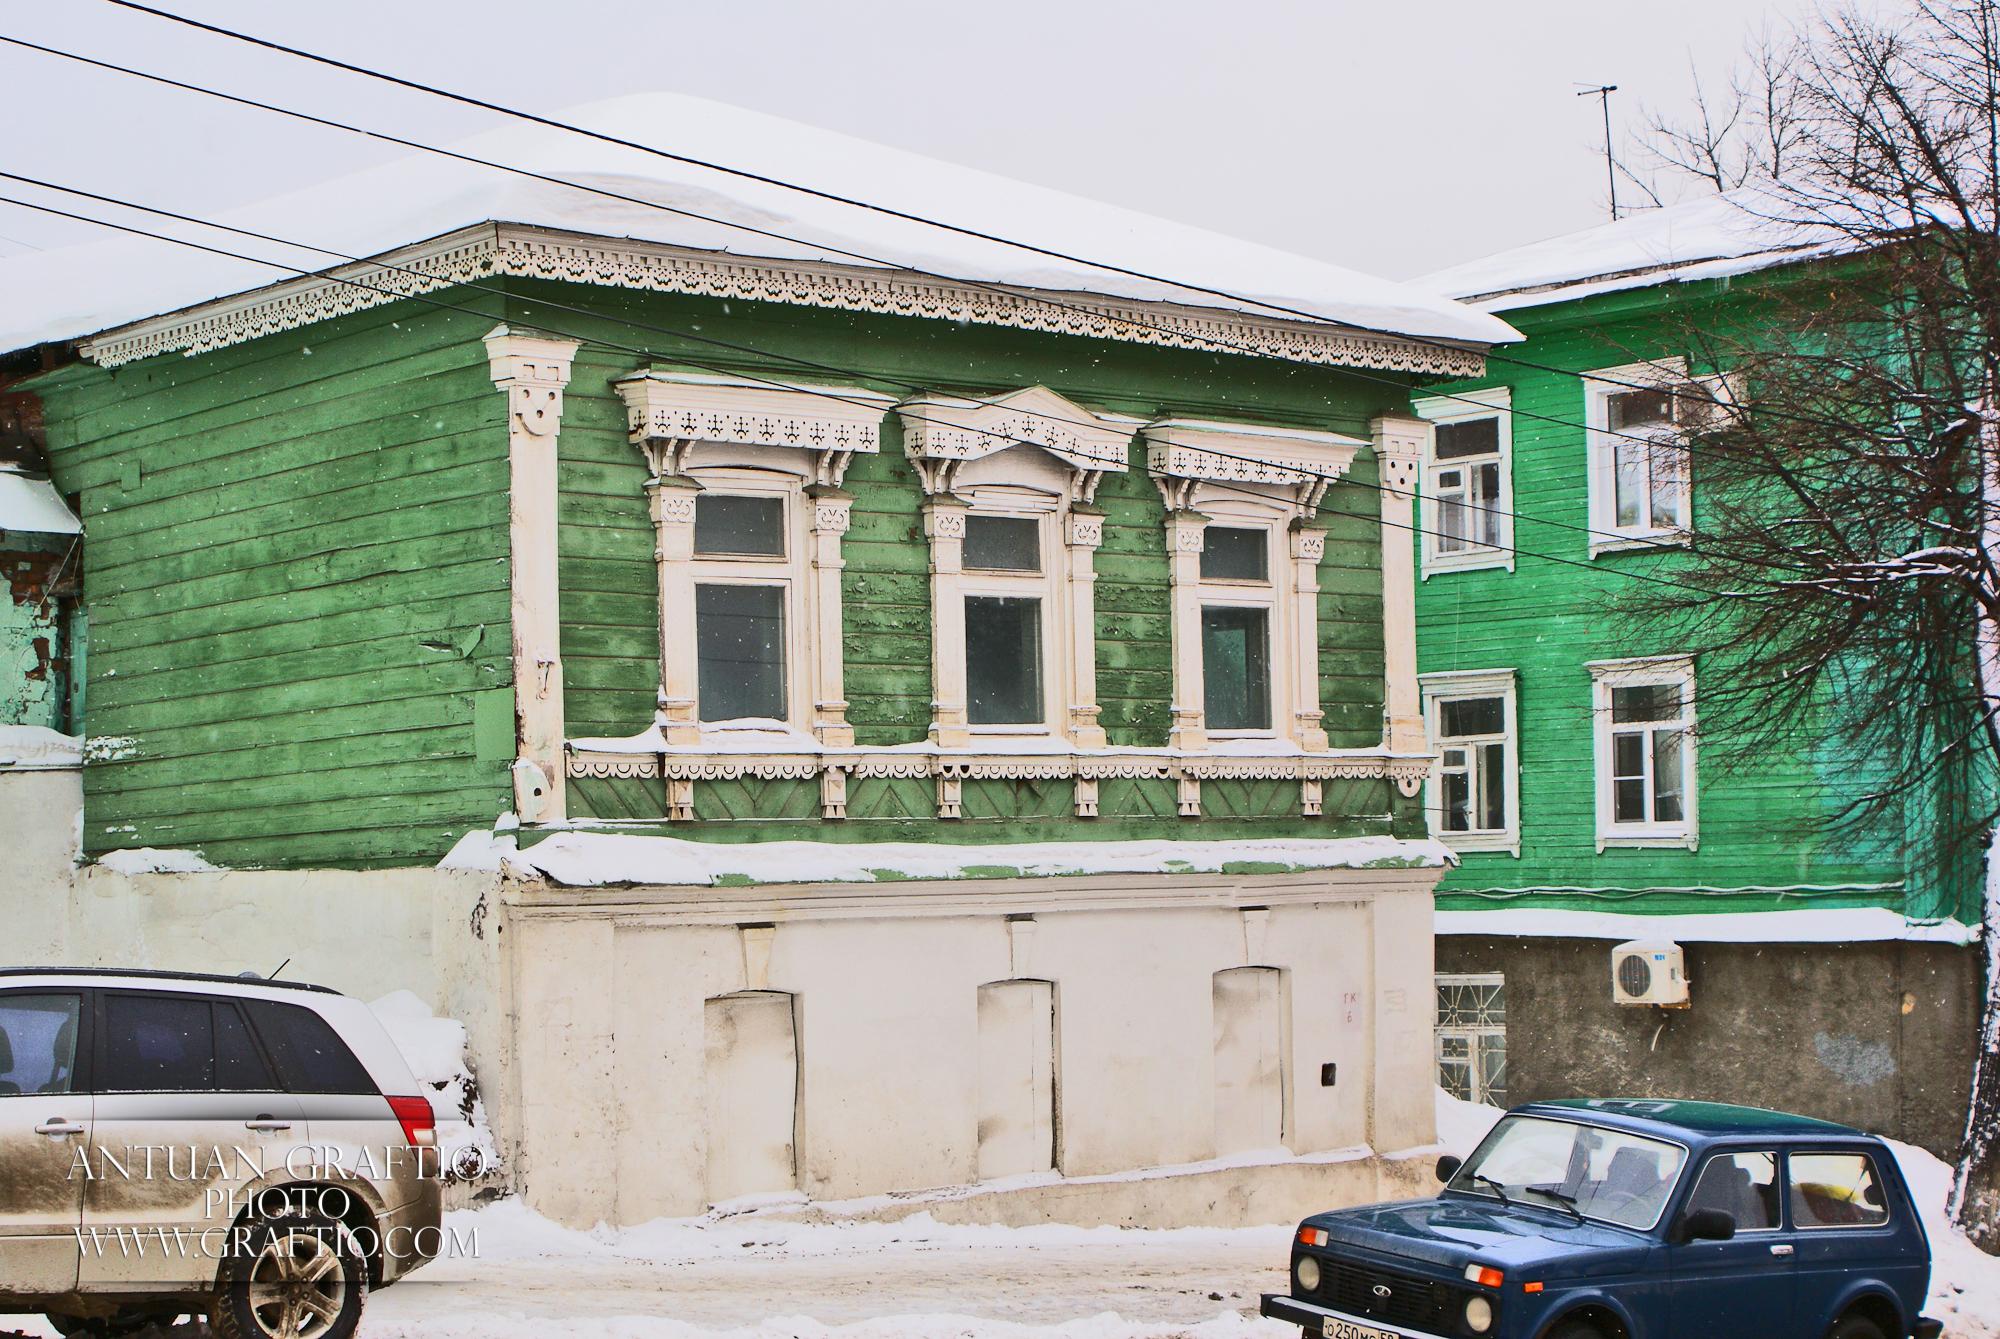 Penza-2015-83